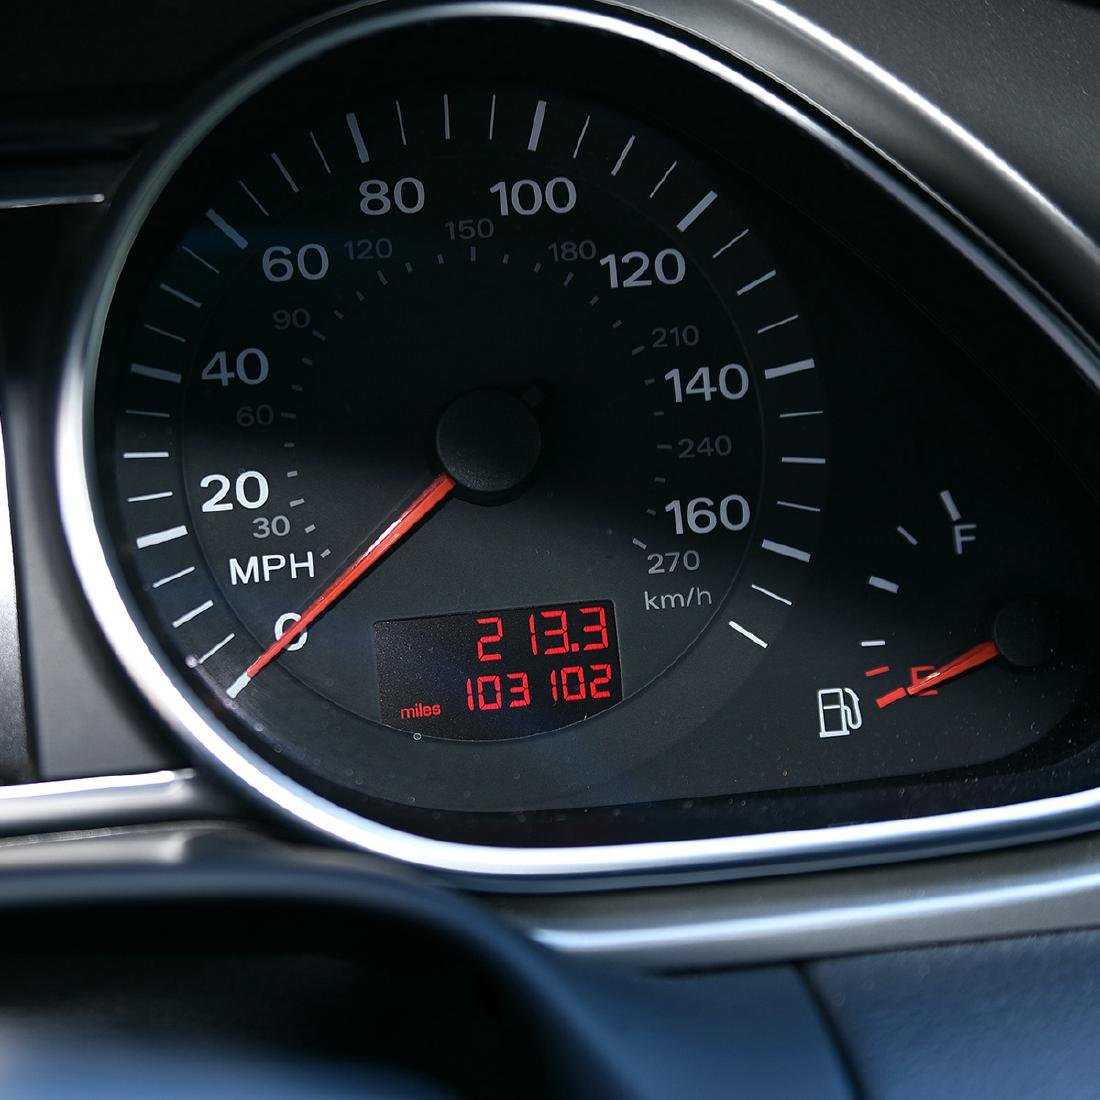 2007 Audi Q7 - 3